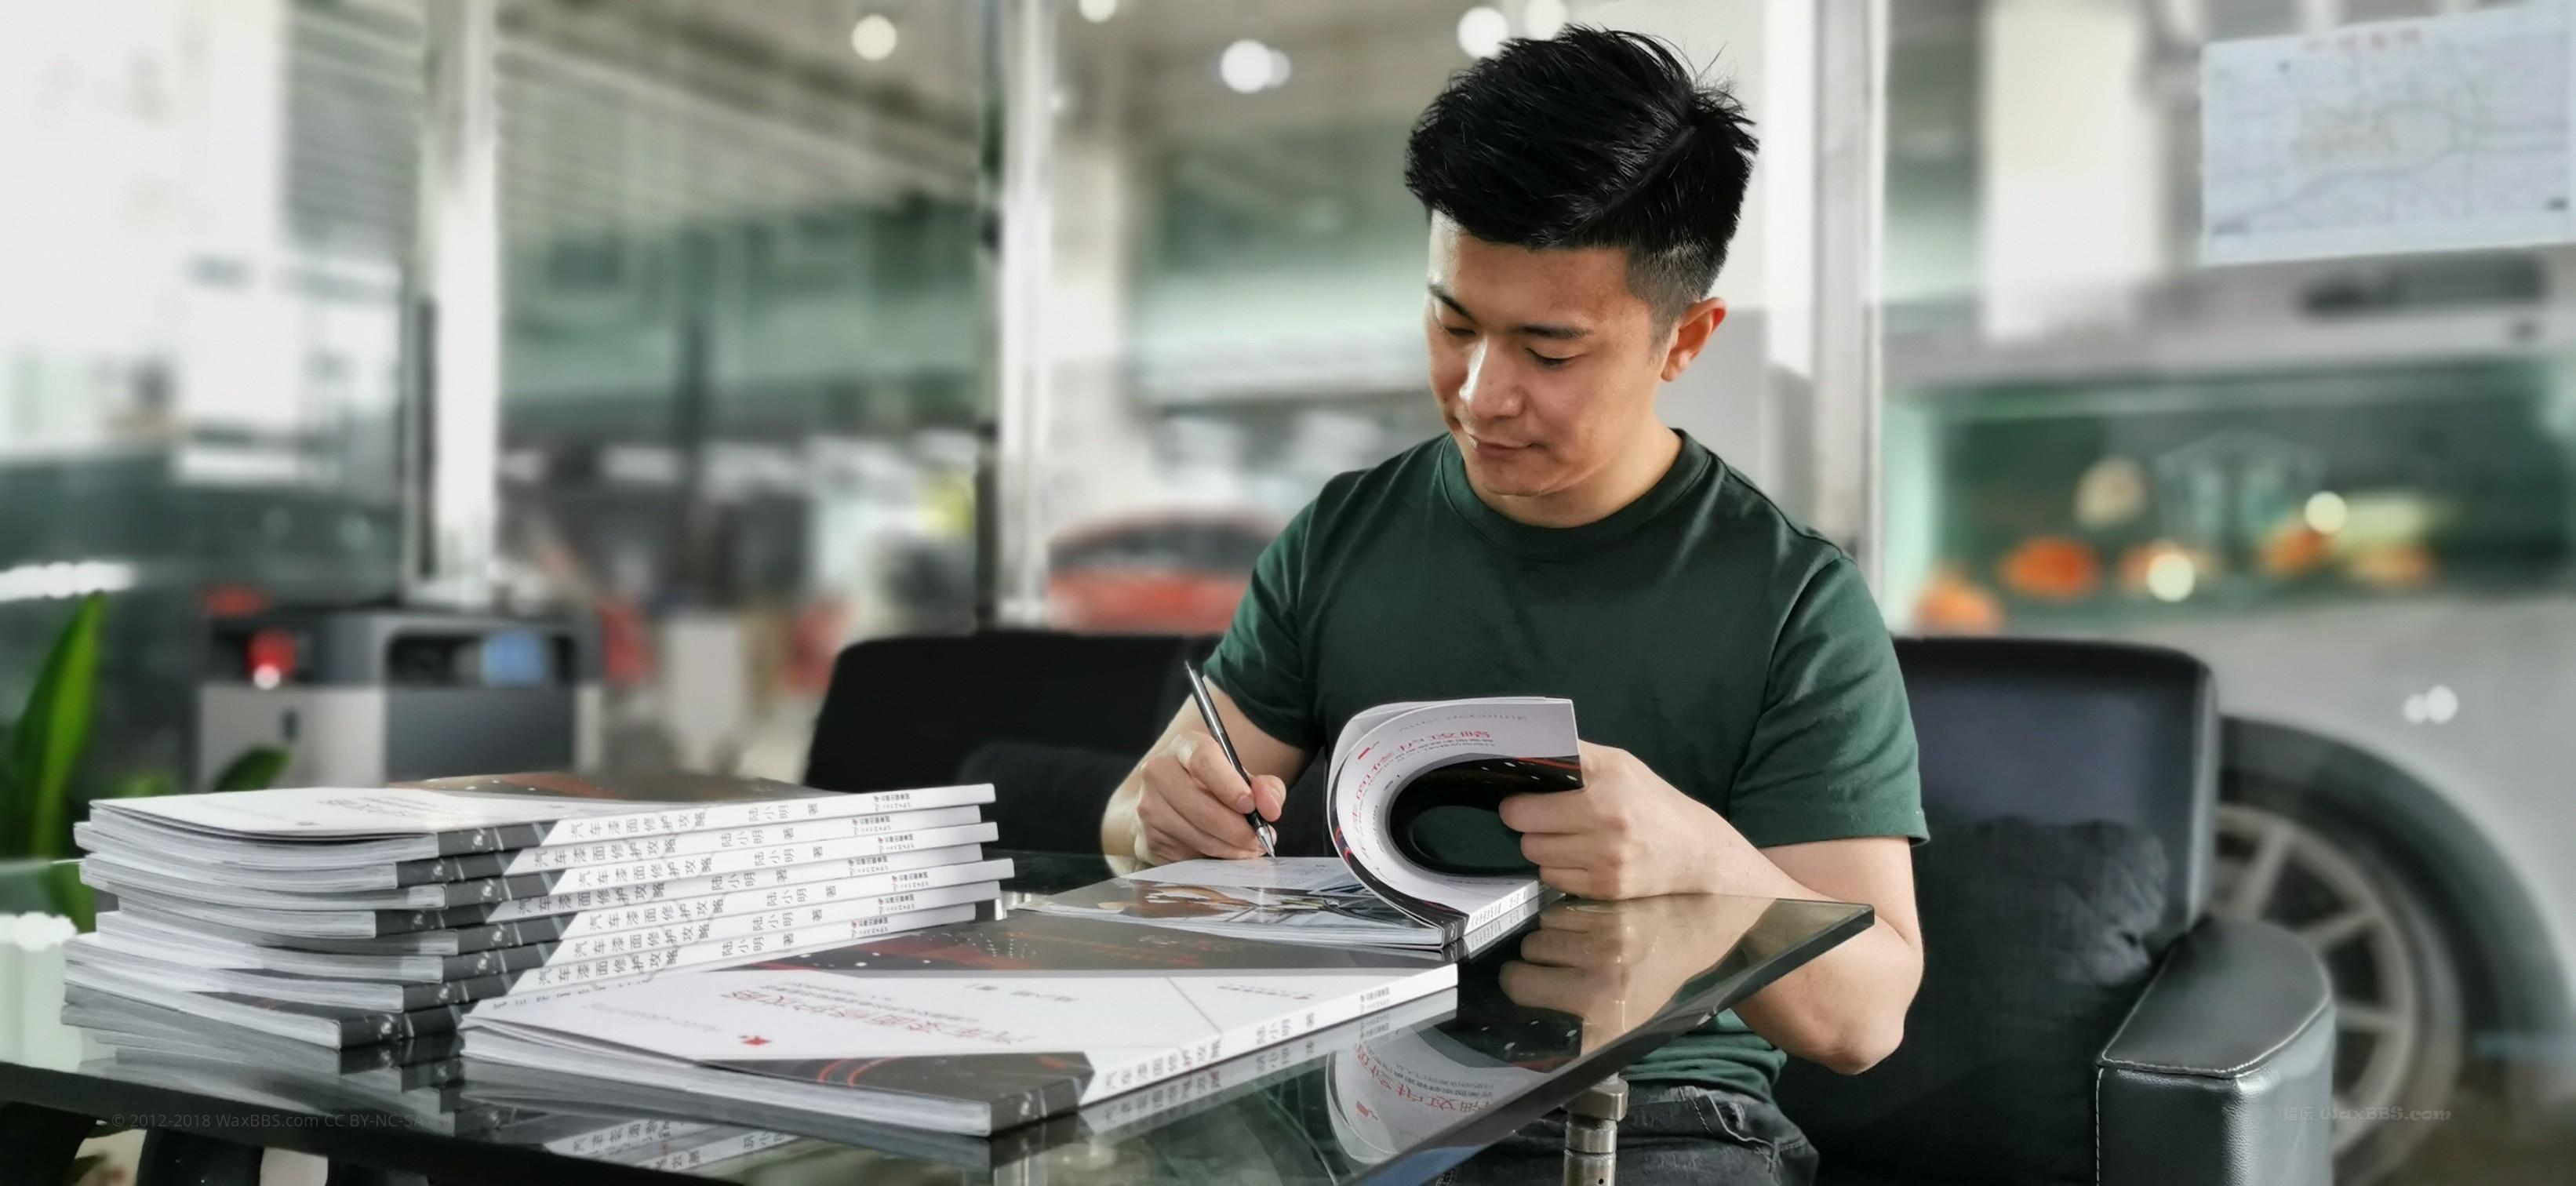 汽车漆面修护攻略蜡坛正式发售